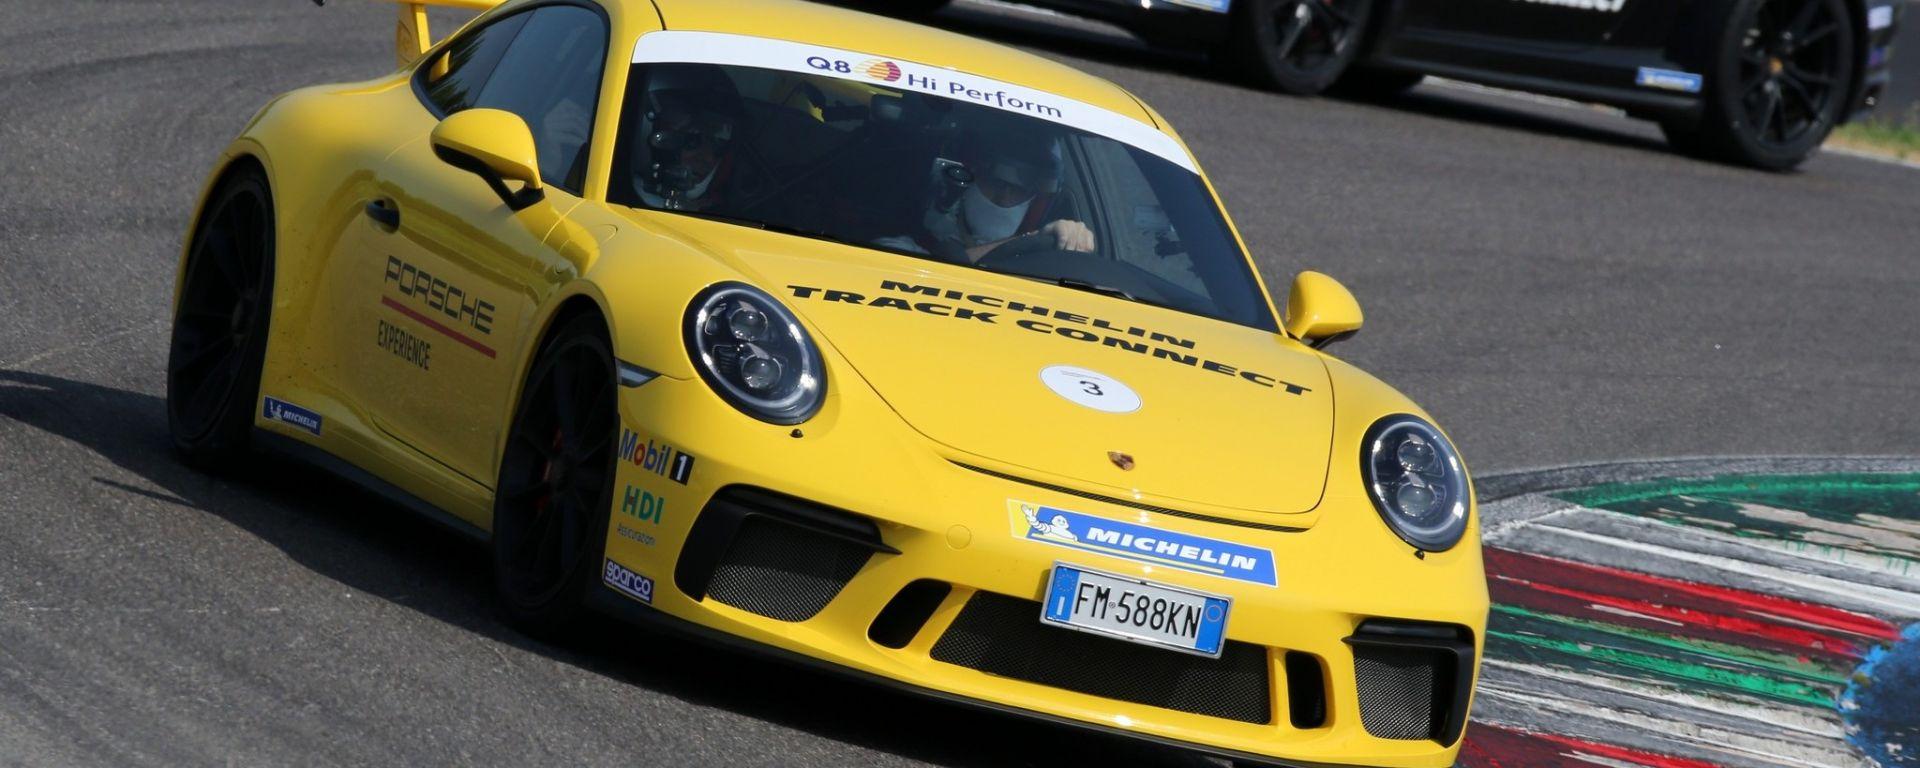 Michelin Pilot Sport Cup 2 Connect: la prova dello pneumatico sportivo, connesso e chiacchierone